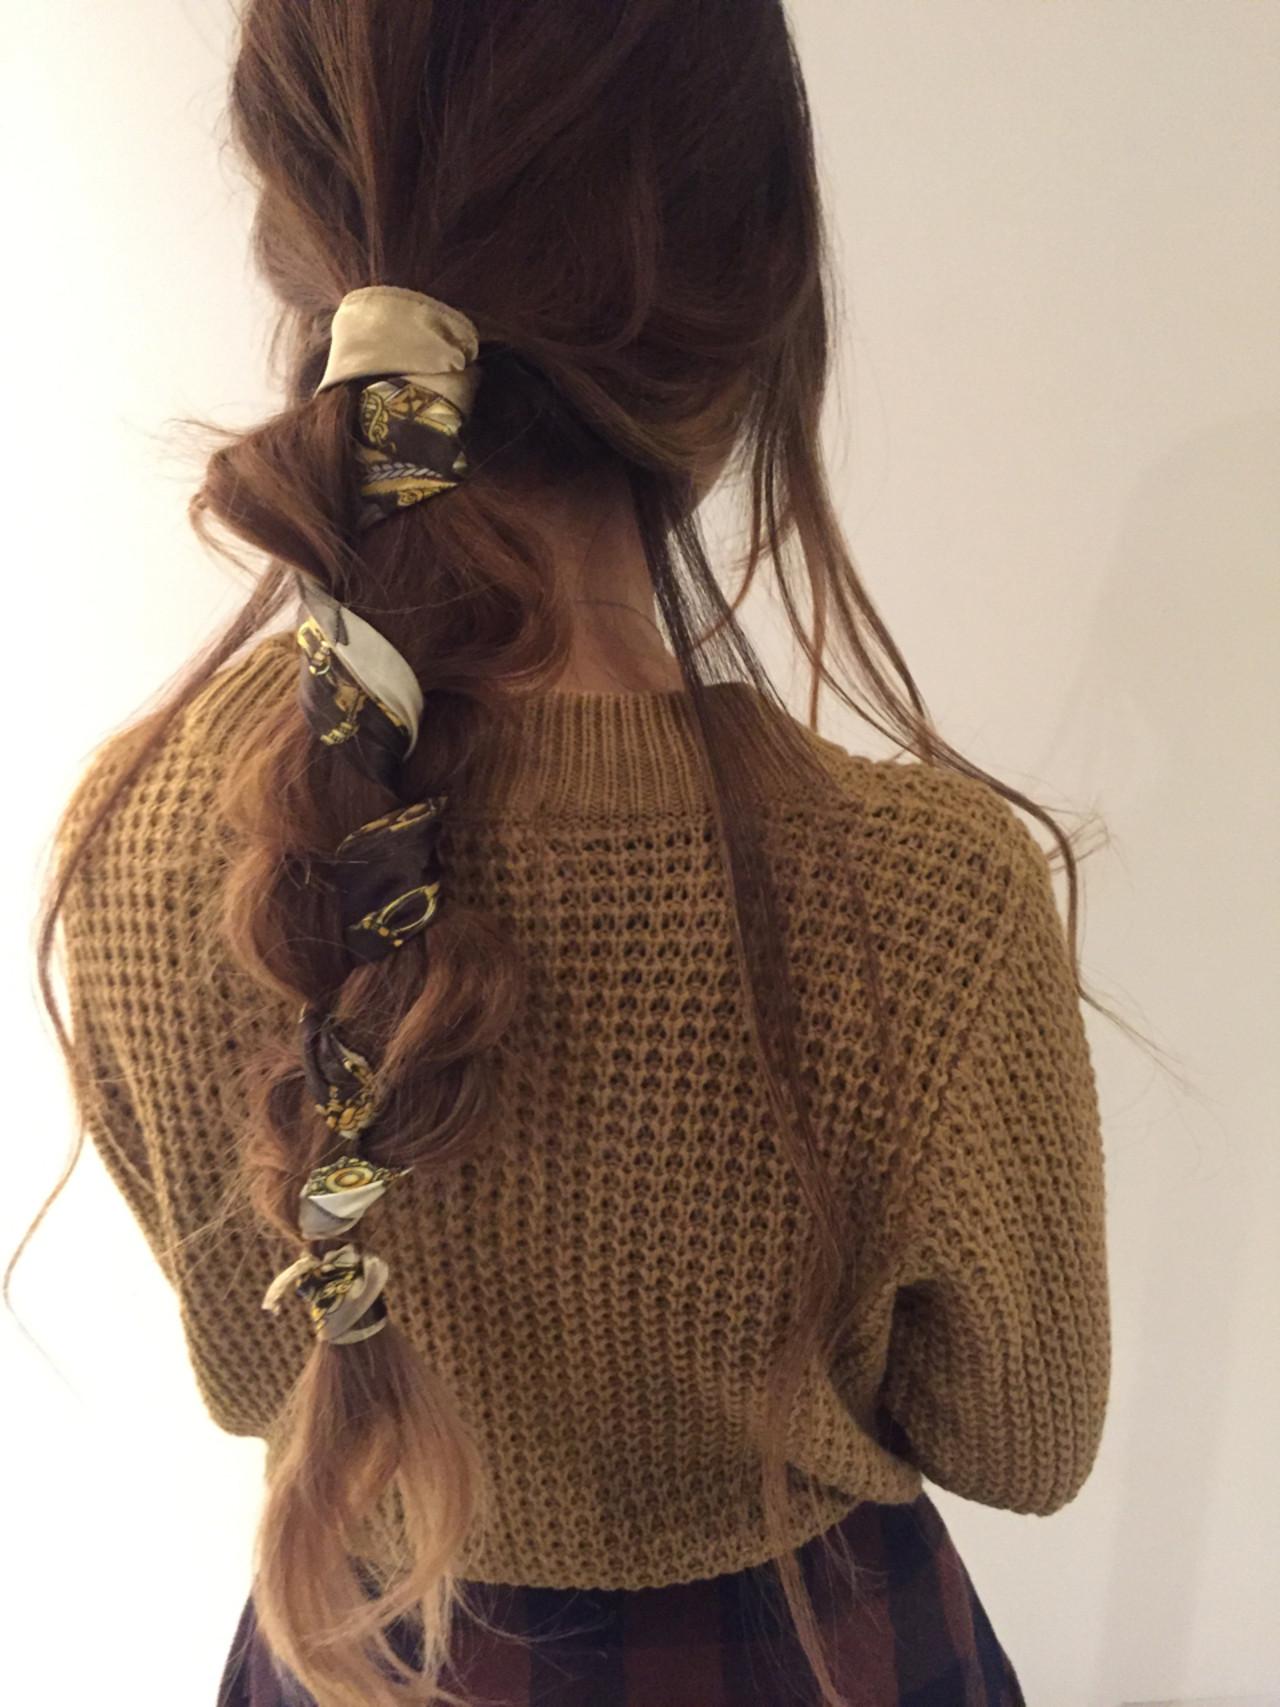 ポニーテール×スカーフで作る簡単可愛いヘアスタイル♡ 北口 和樹